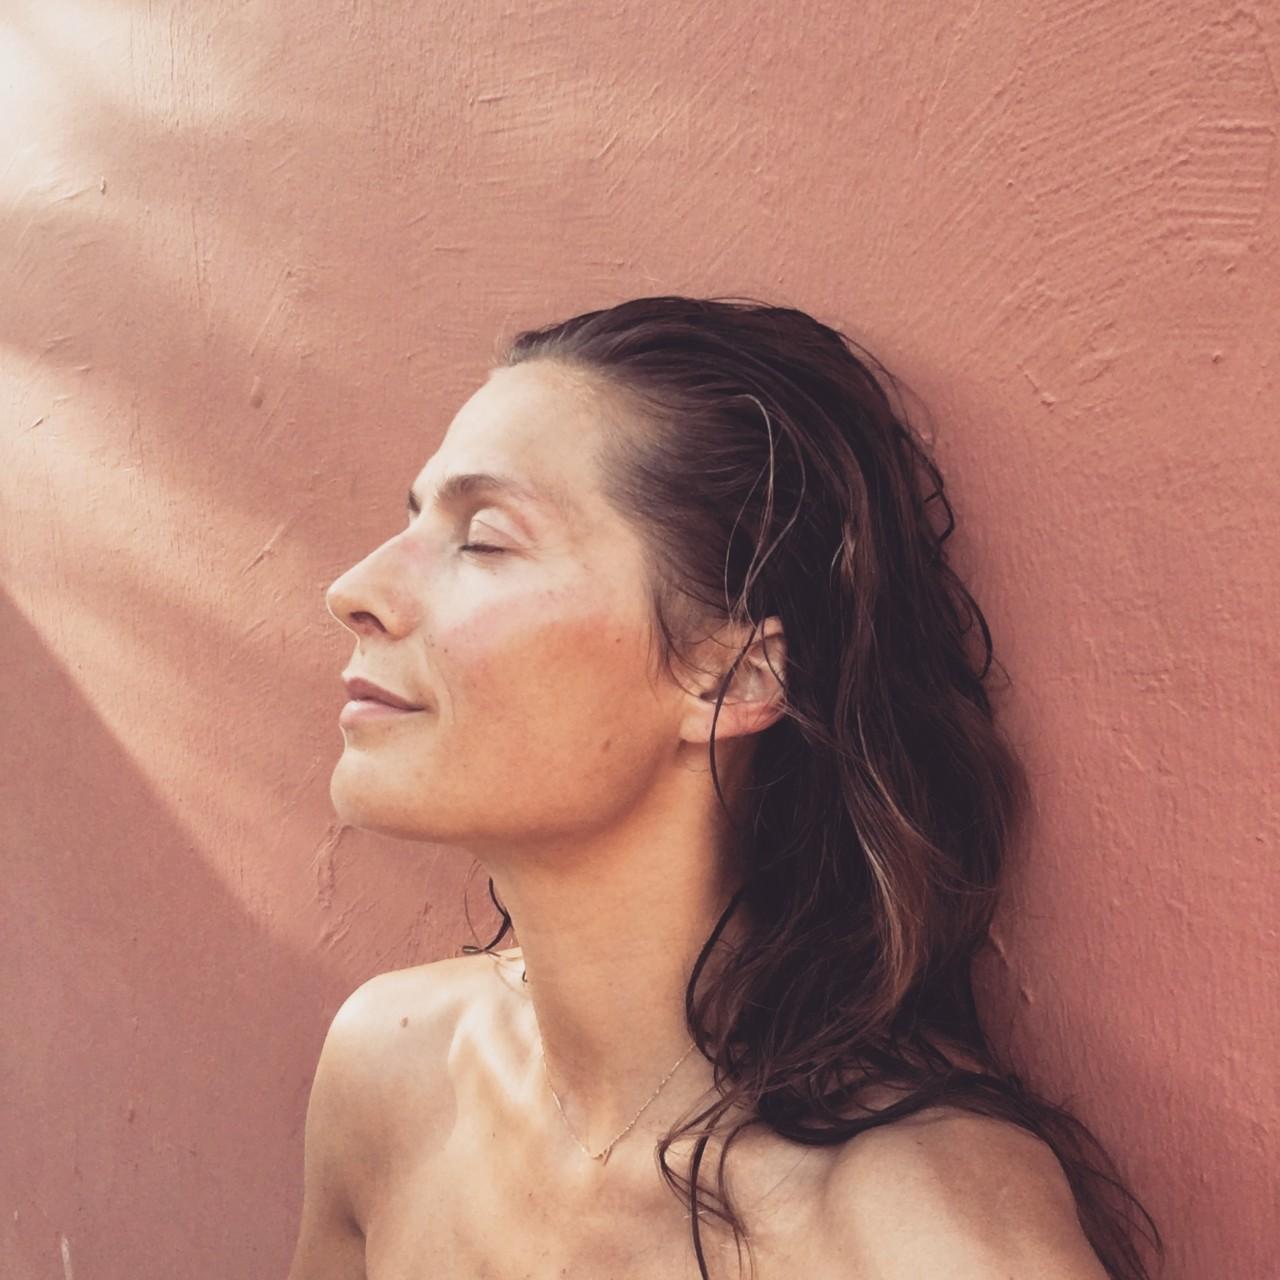 andrea-rudolph-selfie-okologisk-svanemerket-skjonnhet-dronning